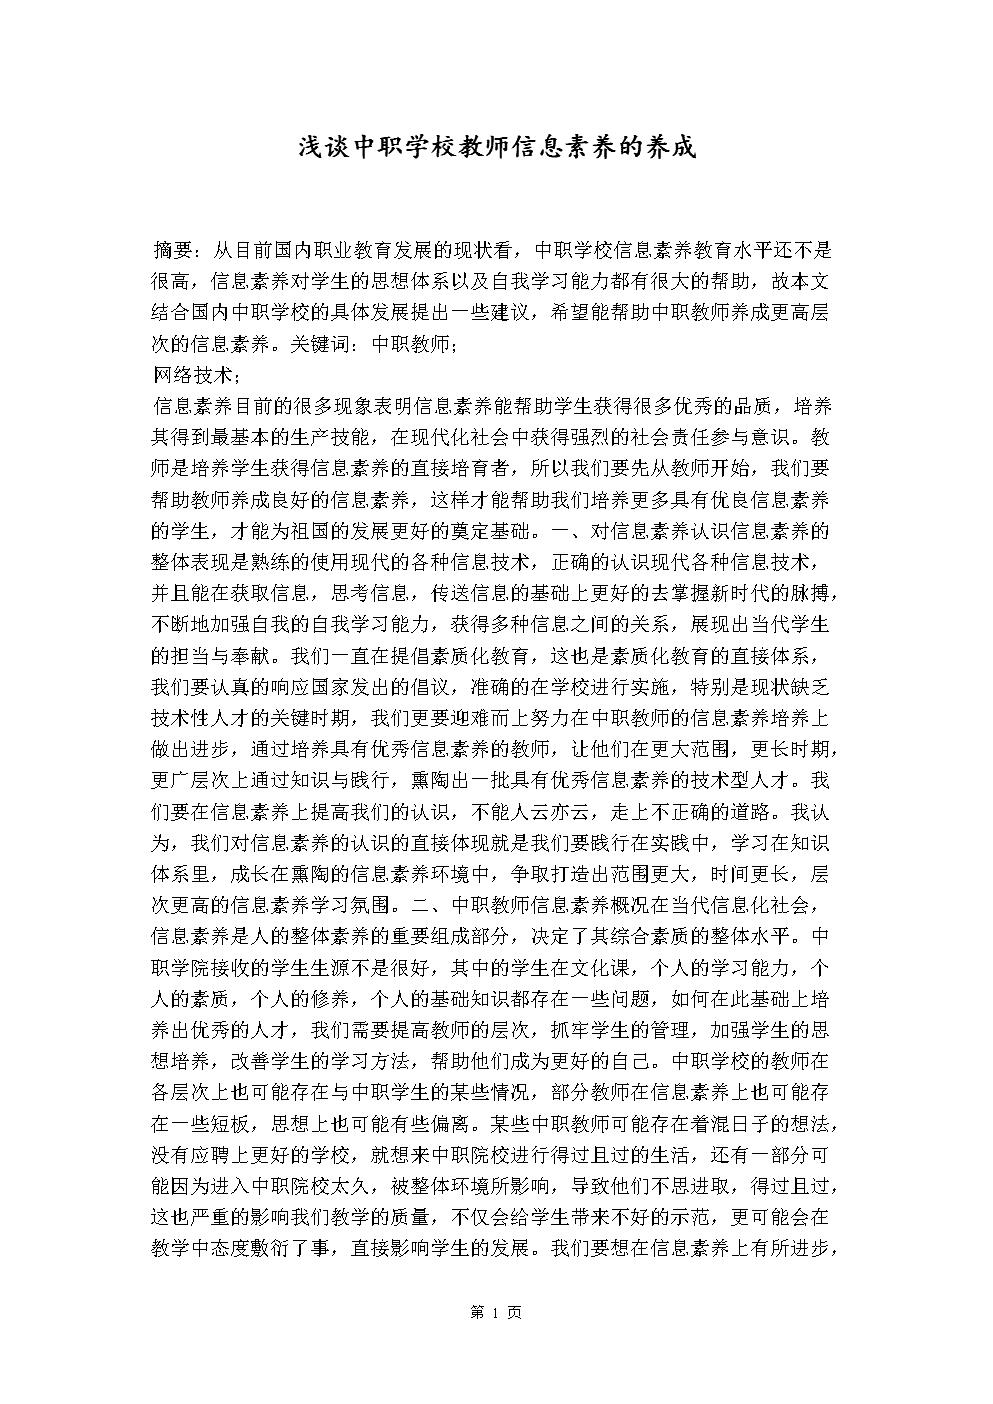 浅谈中职学校教师信息素养的养成.doc